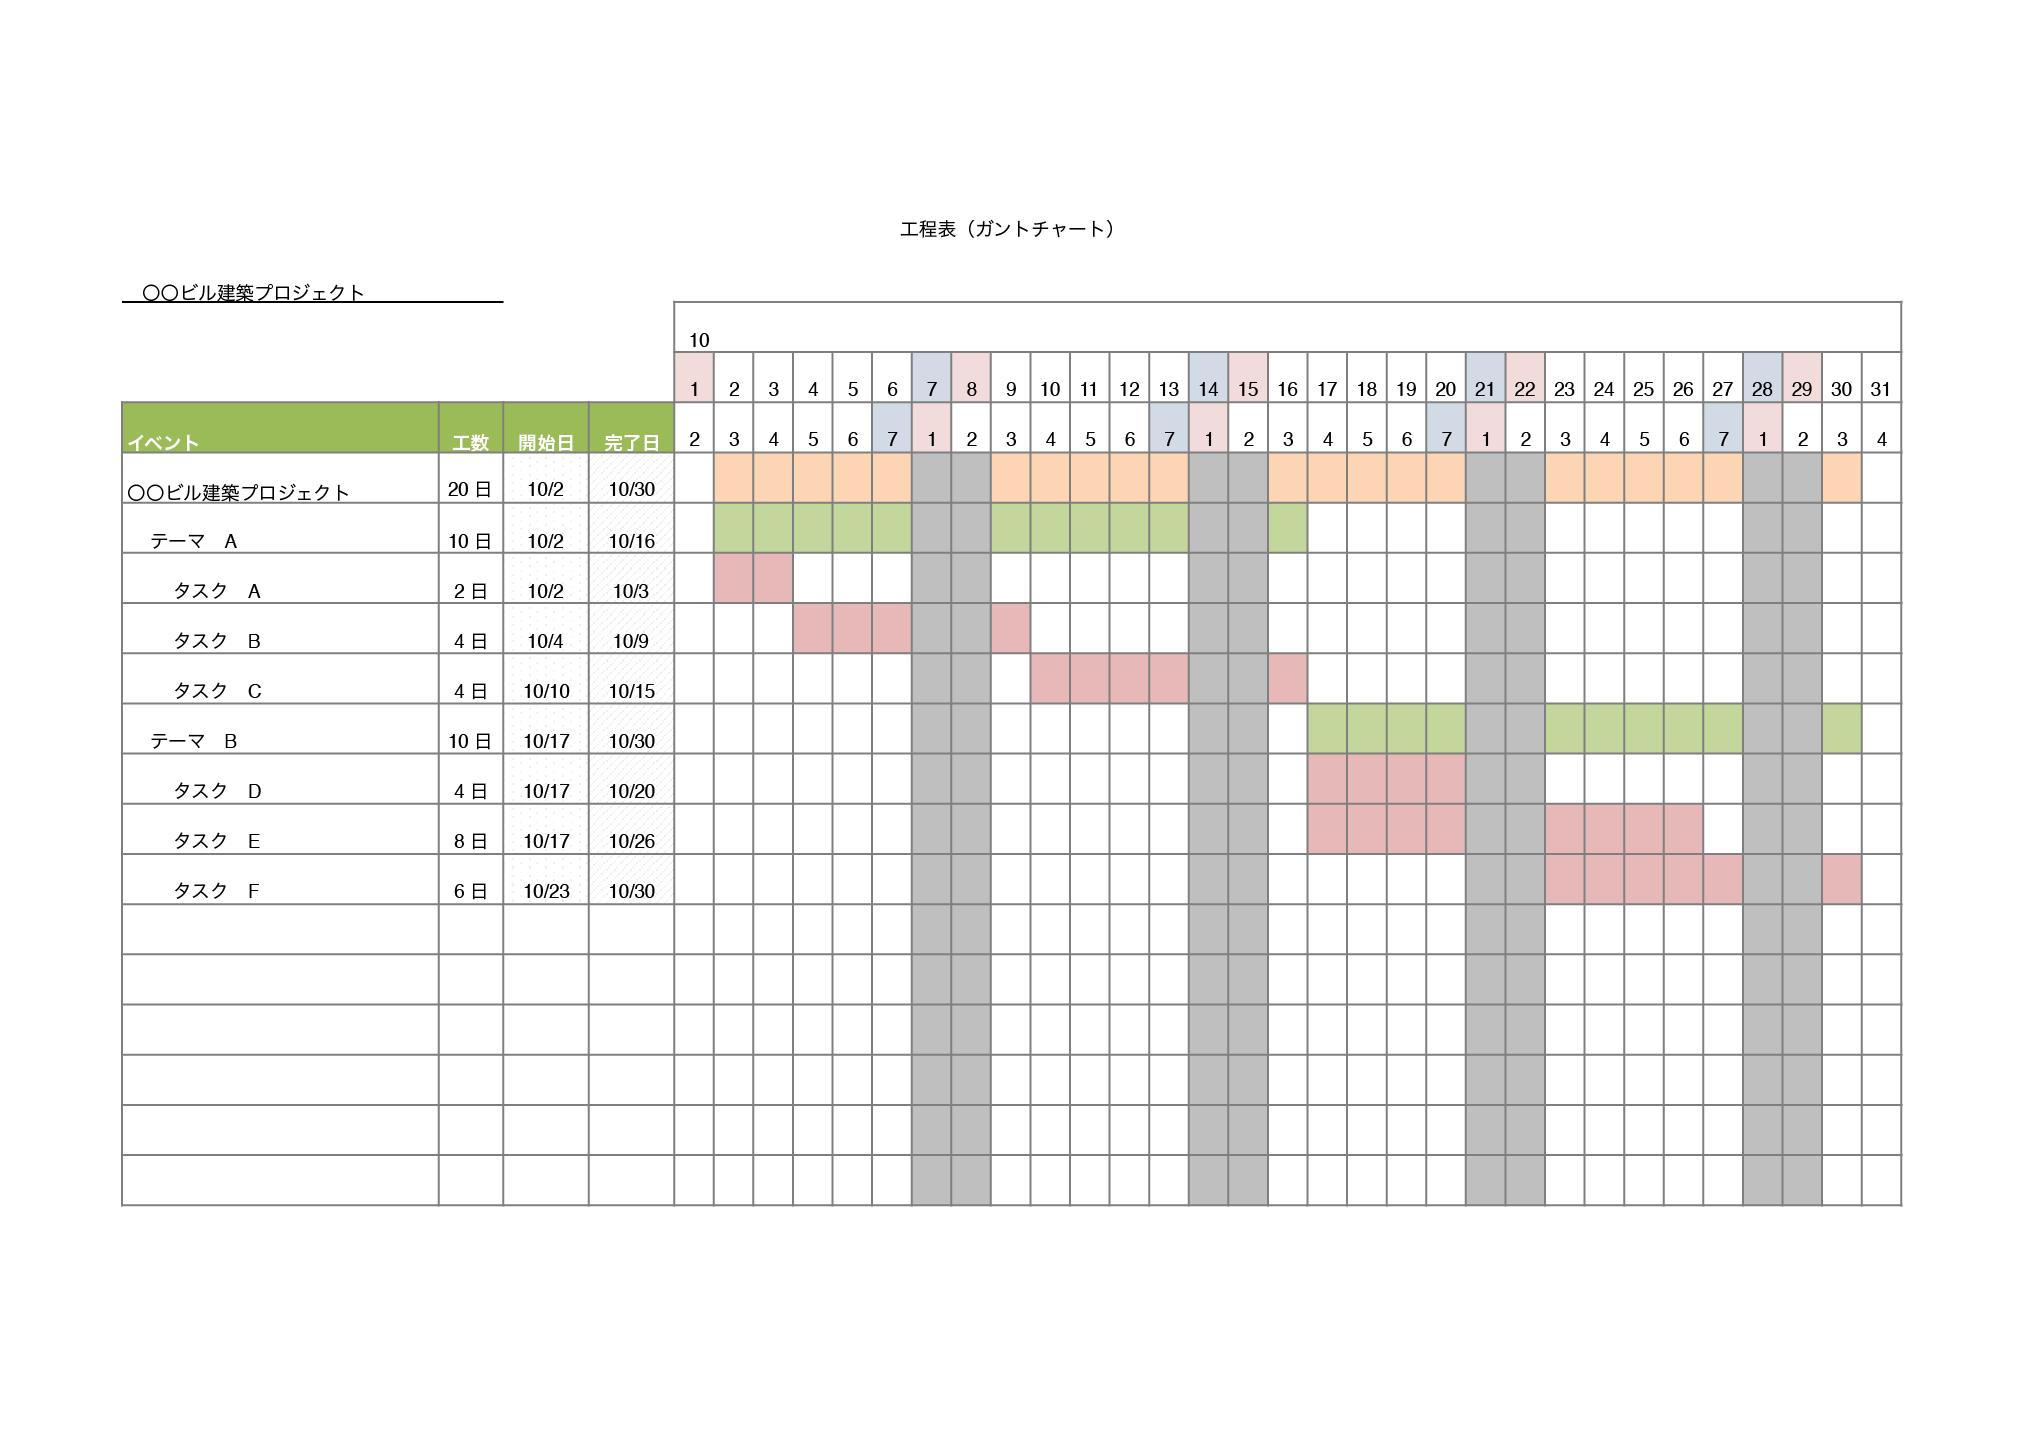 ガンチャート テンプレート『プロジェクト管理』(エクセル・ナンバーズ)